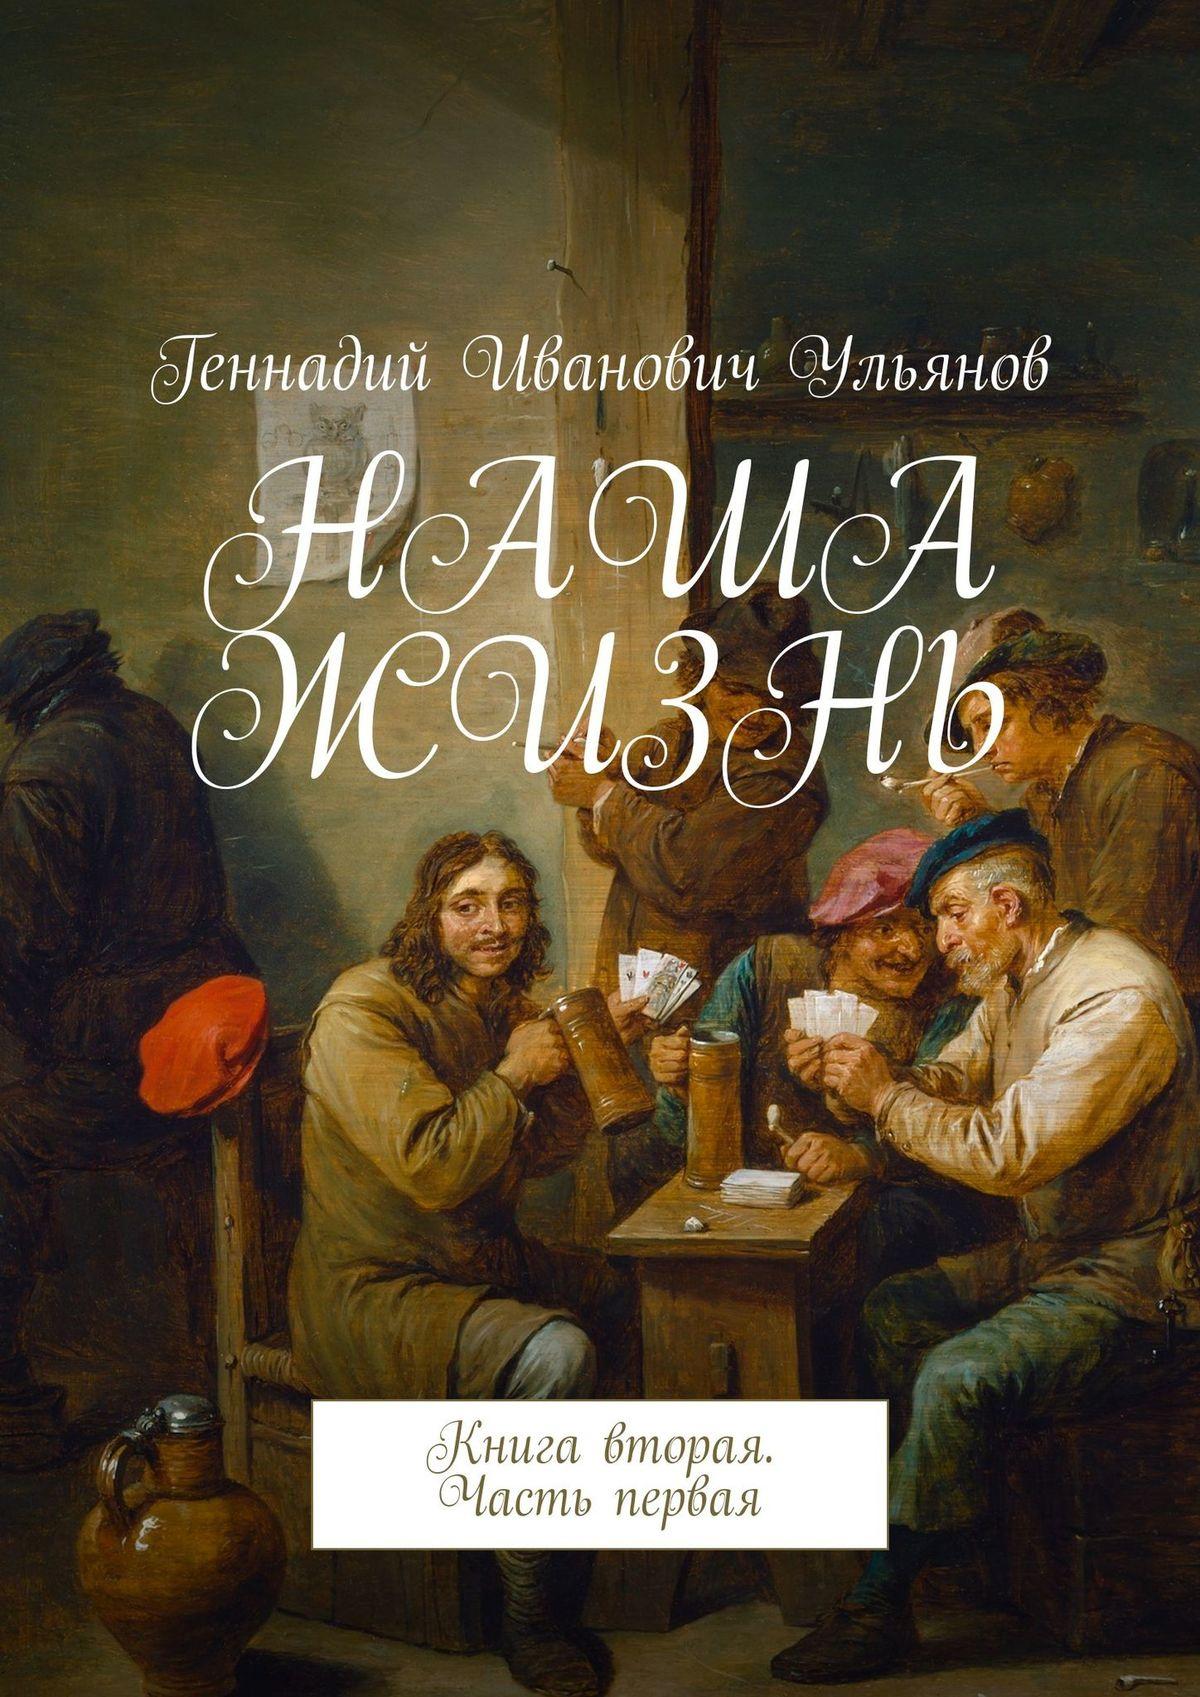 Геннадий Иванович Ульянов НАША ЖИЗНЬ. Книга вторая. Часть первая геннадий ульянов наша жизнь книга двенадцатая часть первая